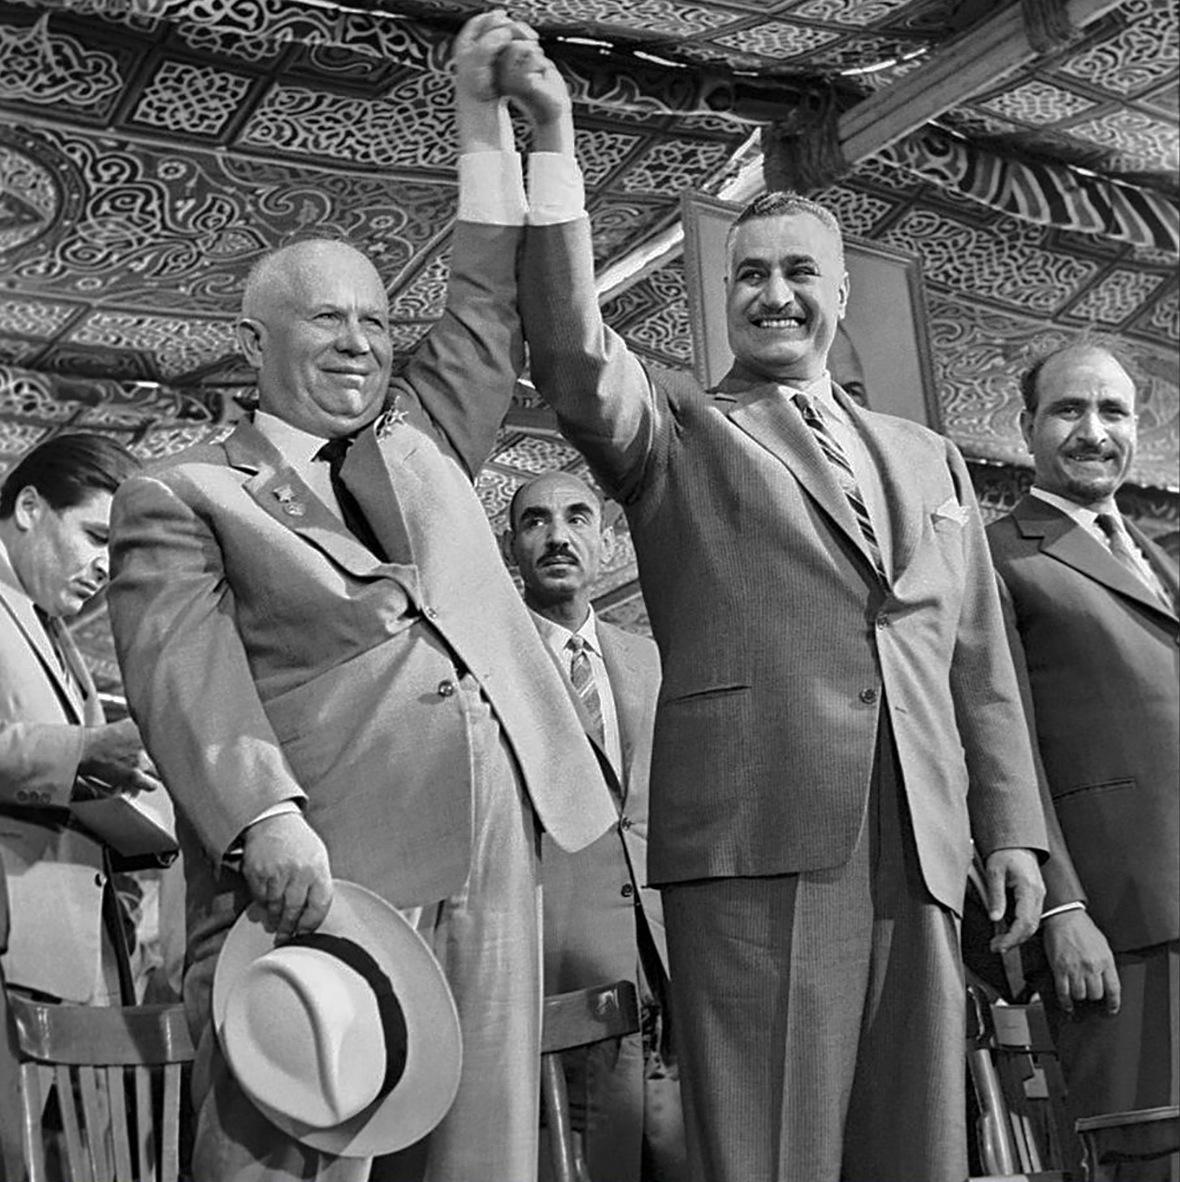 الرئيس جمال عبد الناصر قدم شخصية يوليوس قيصر علي خشبة المسرح